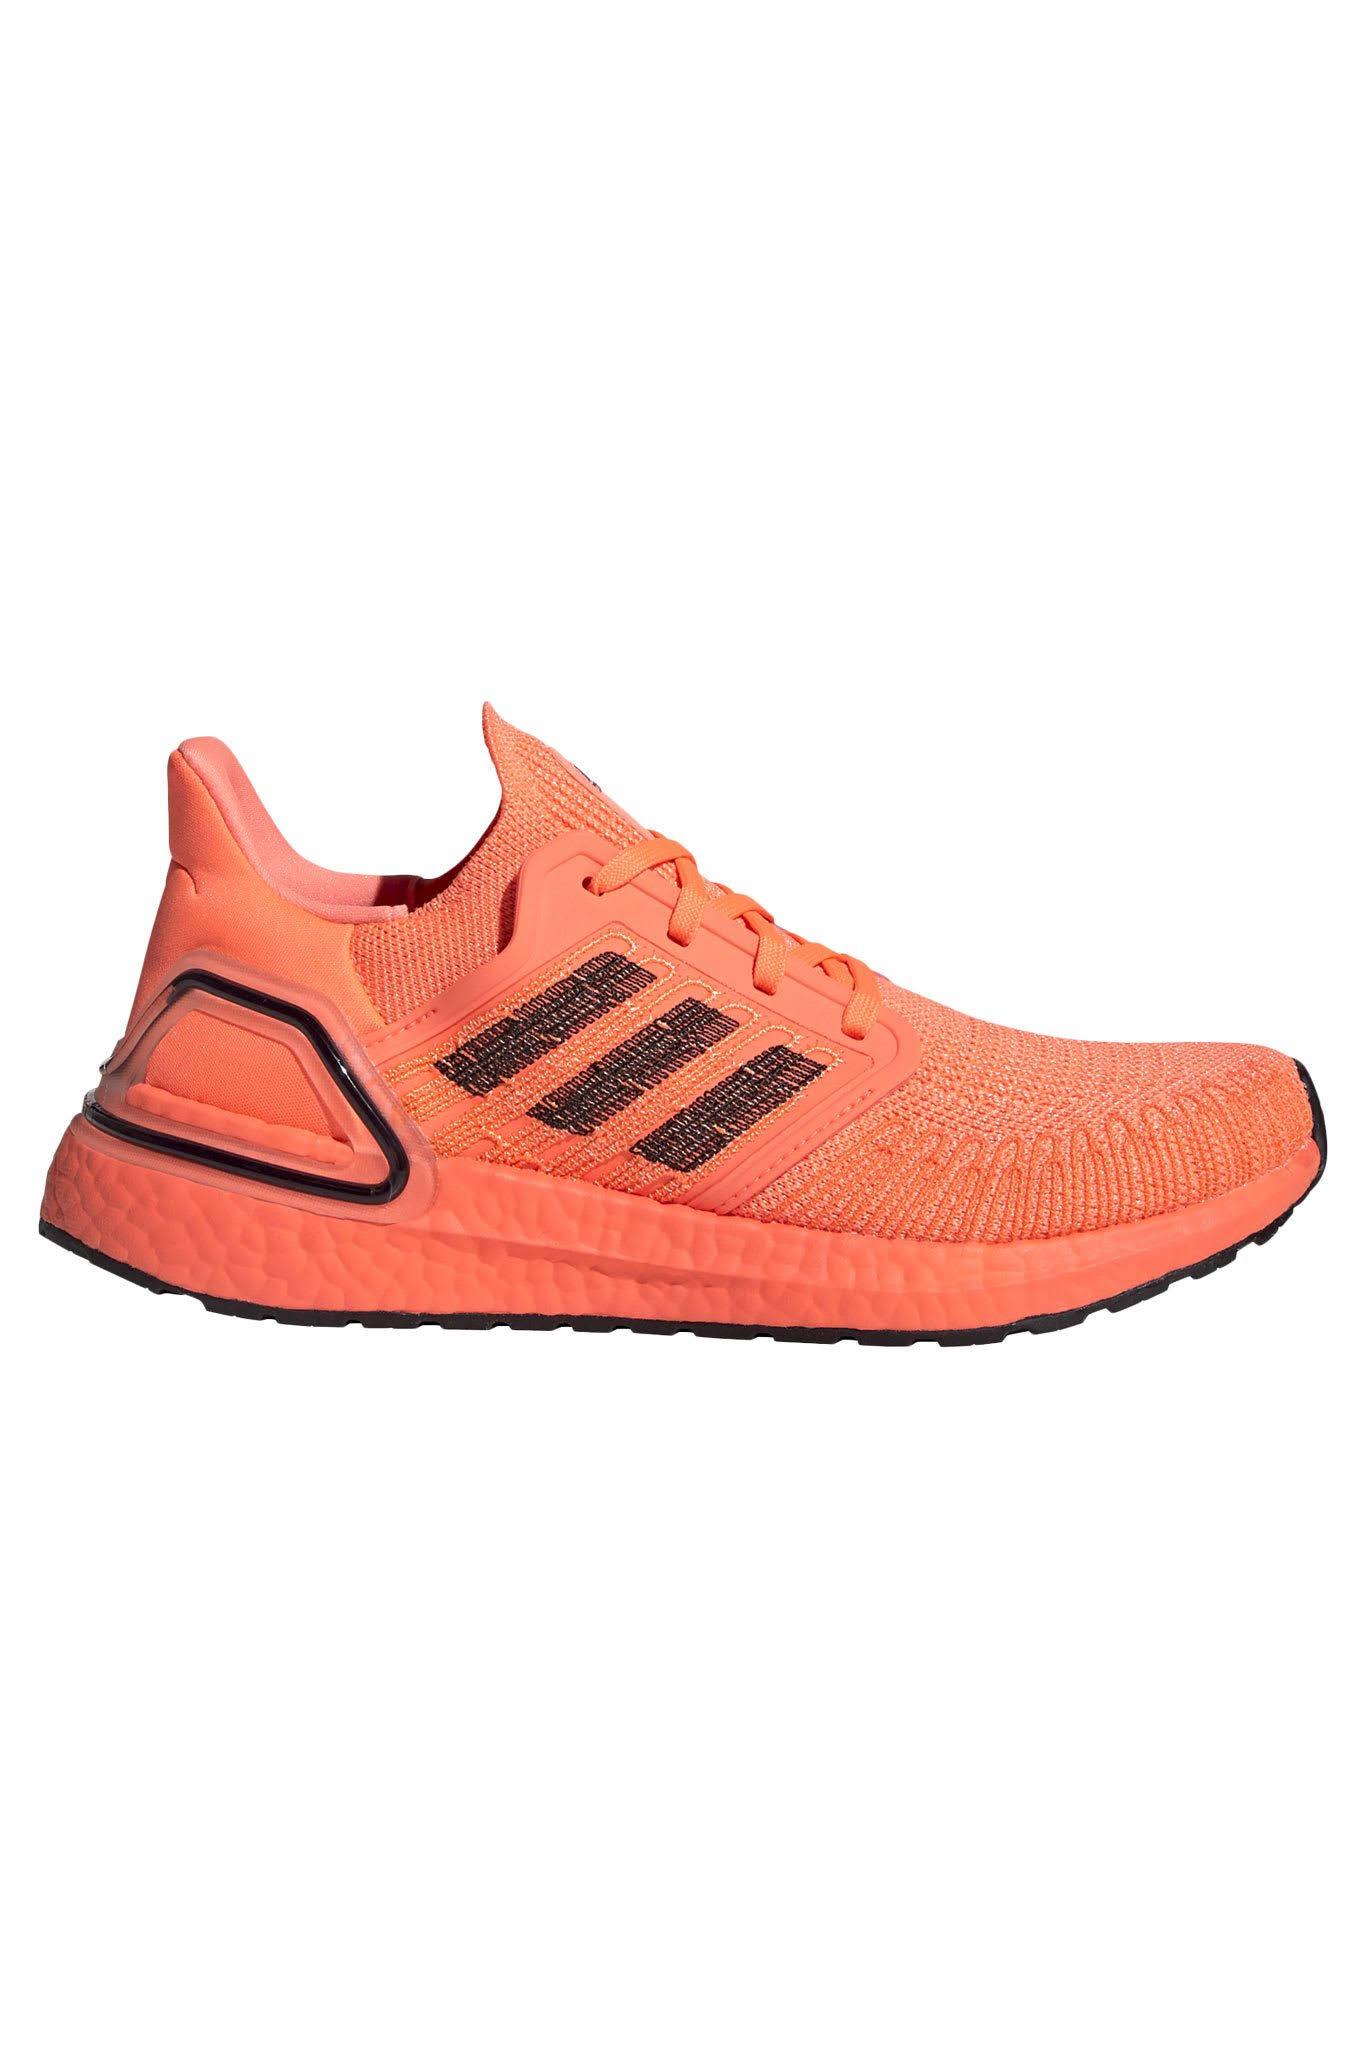 Adidas Ultraboost 20 Shoes Running - Women